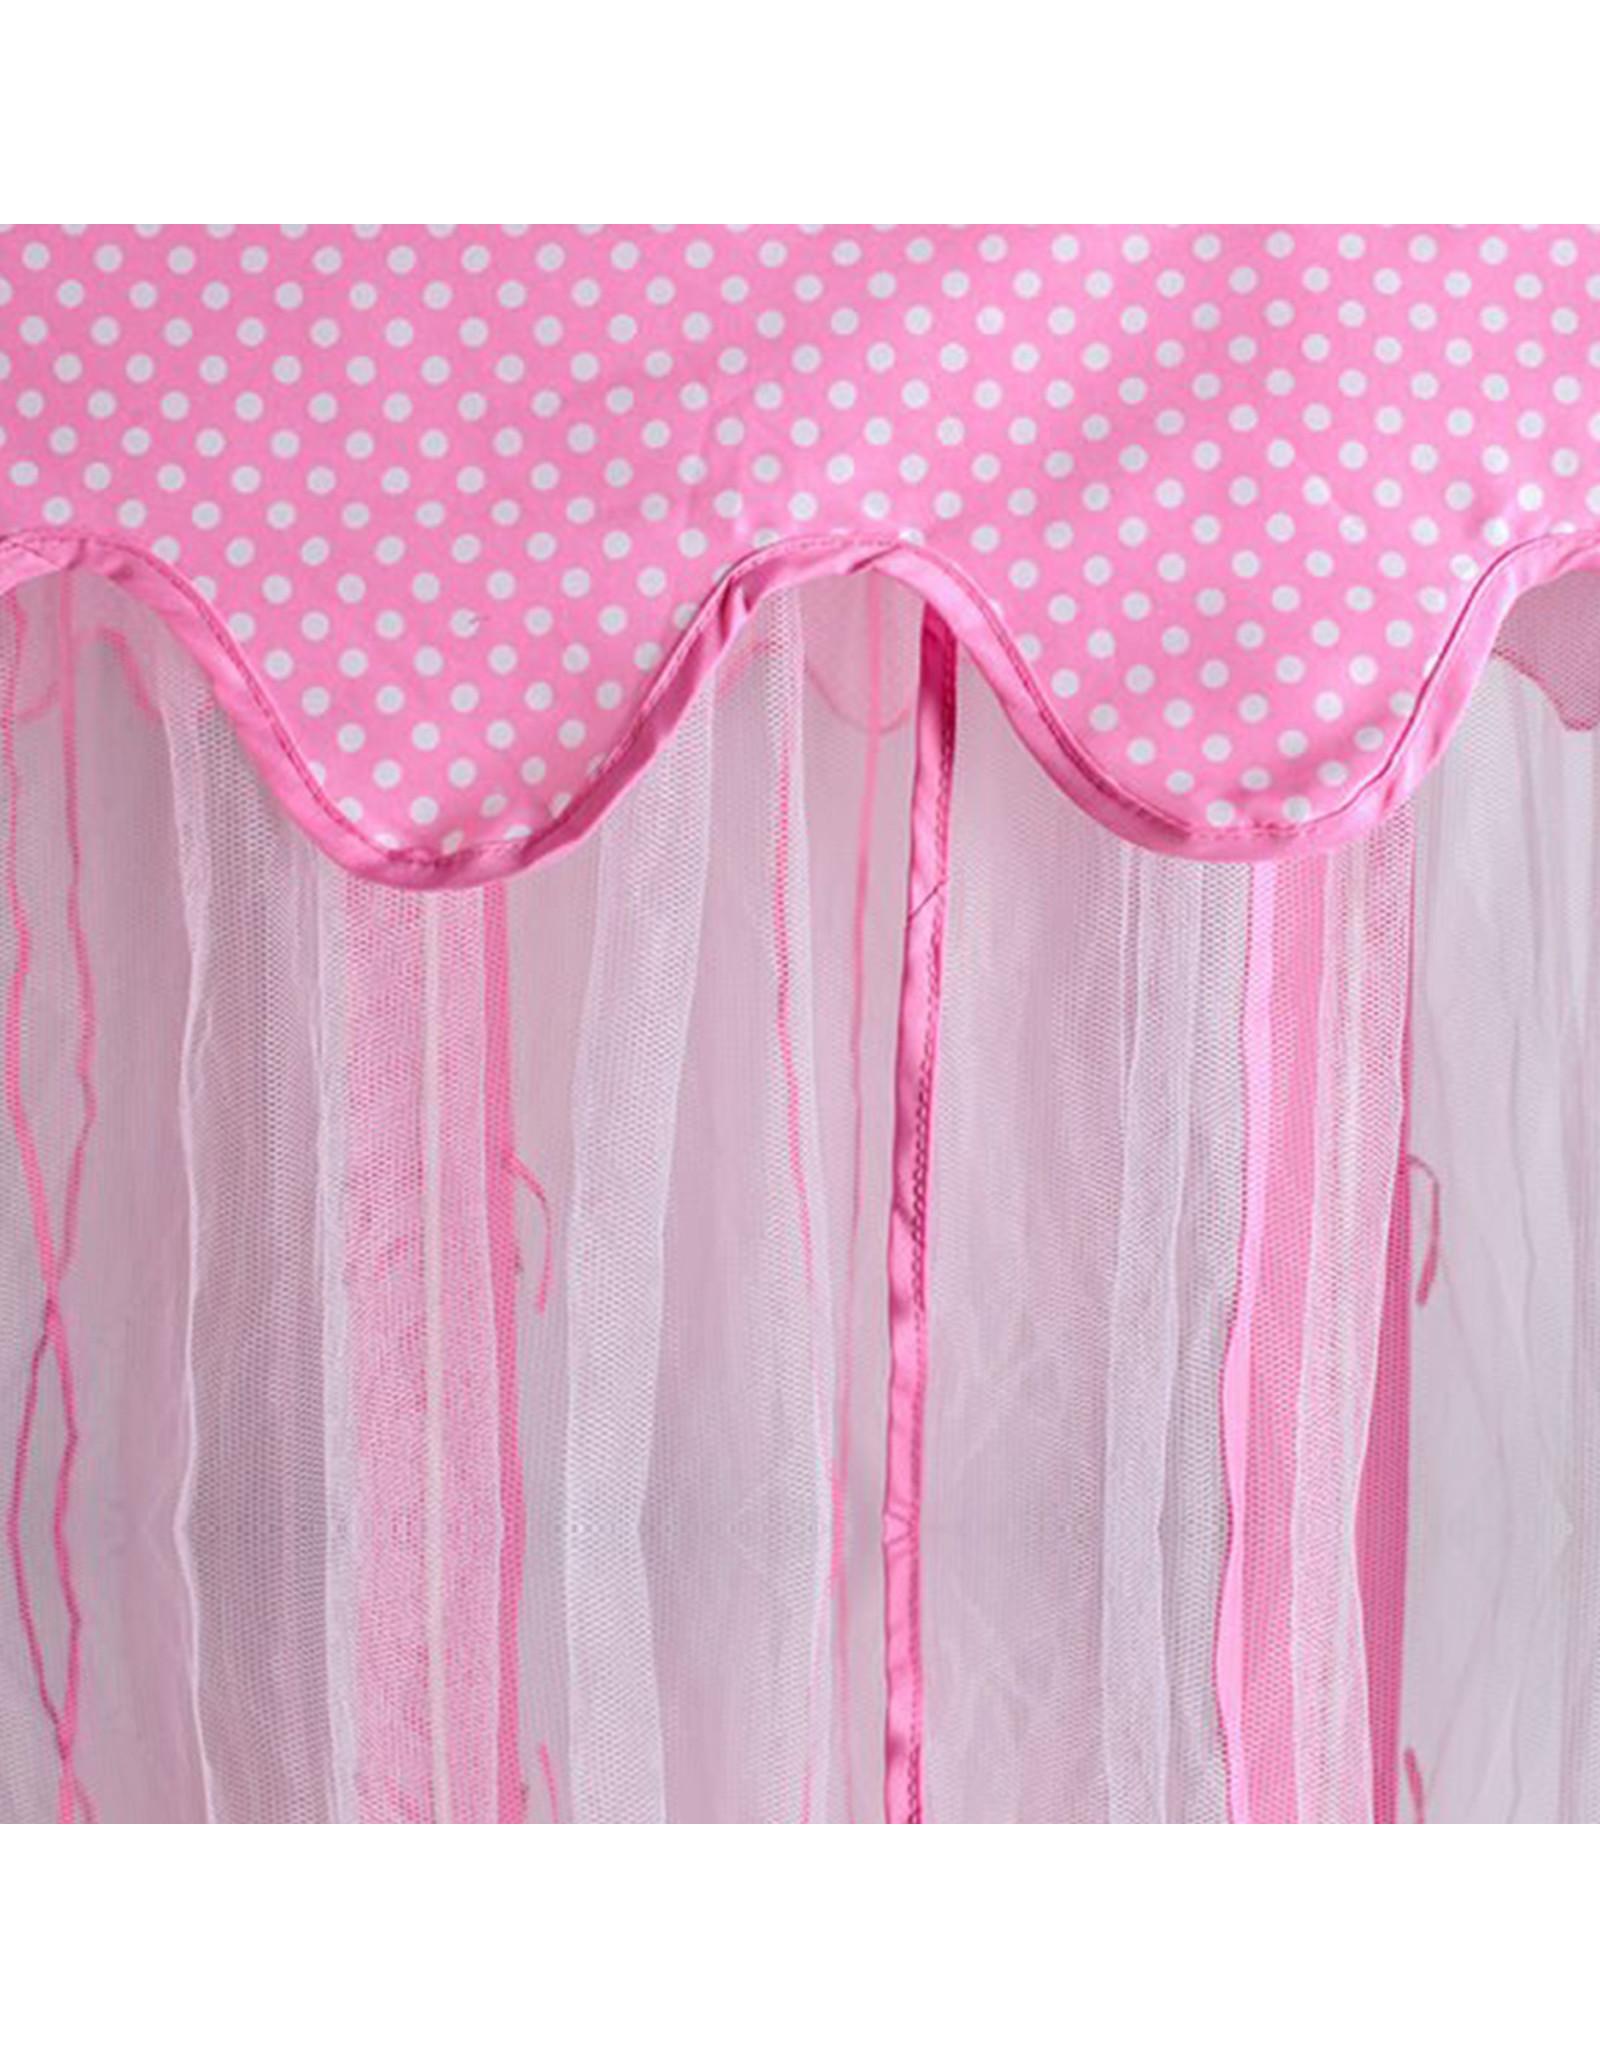 Merkloos Prinsessen Tent/ Prinsessentent/Tent - Kinder Tent /Roze